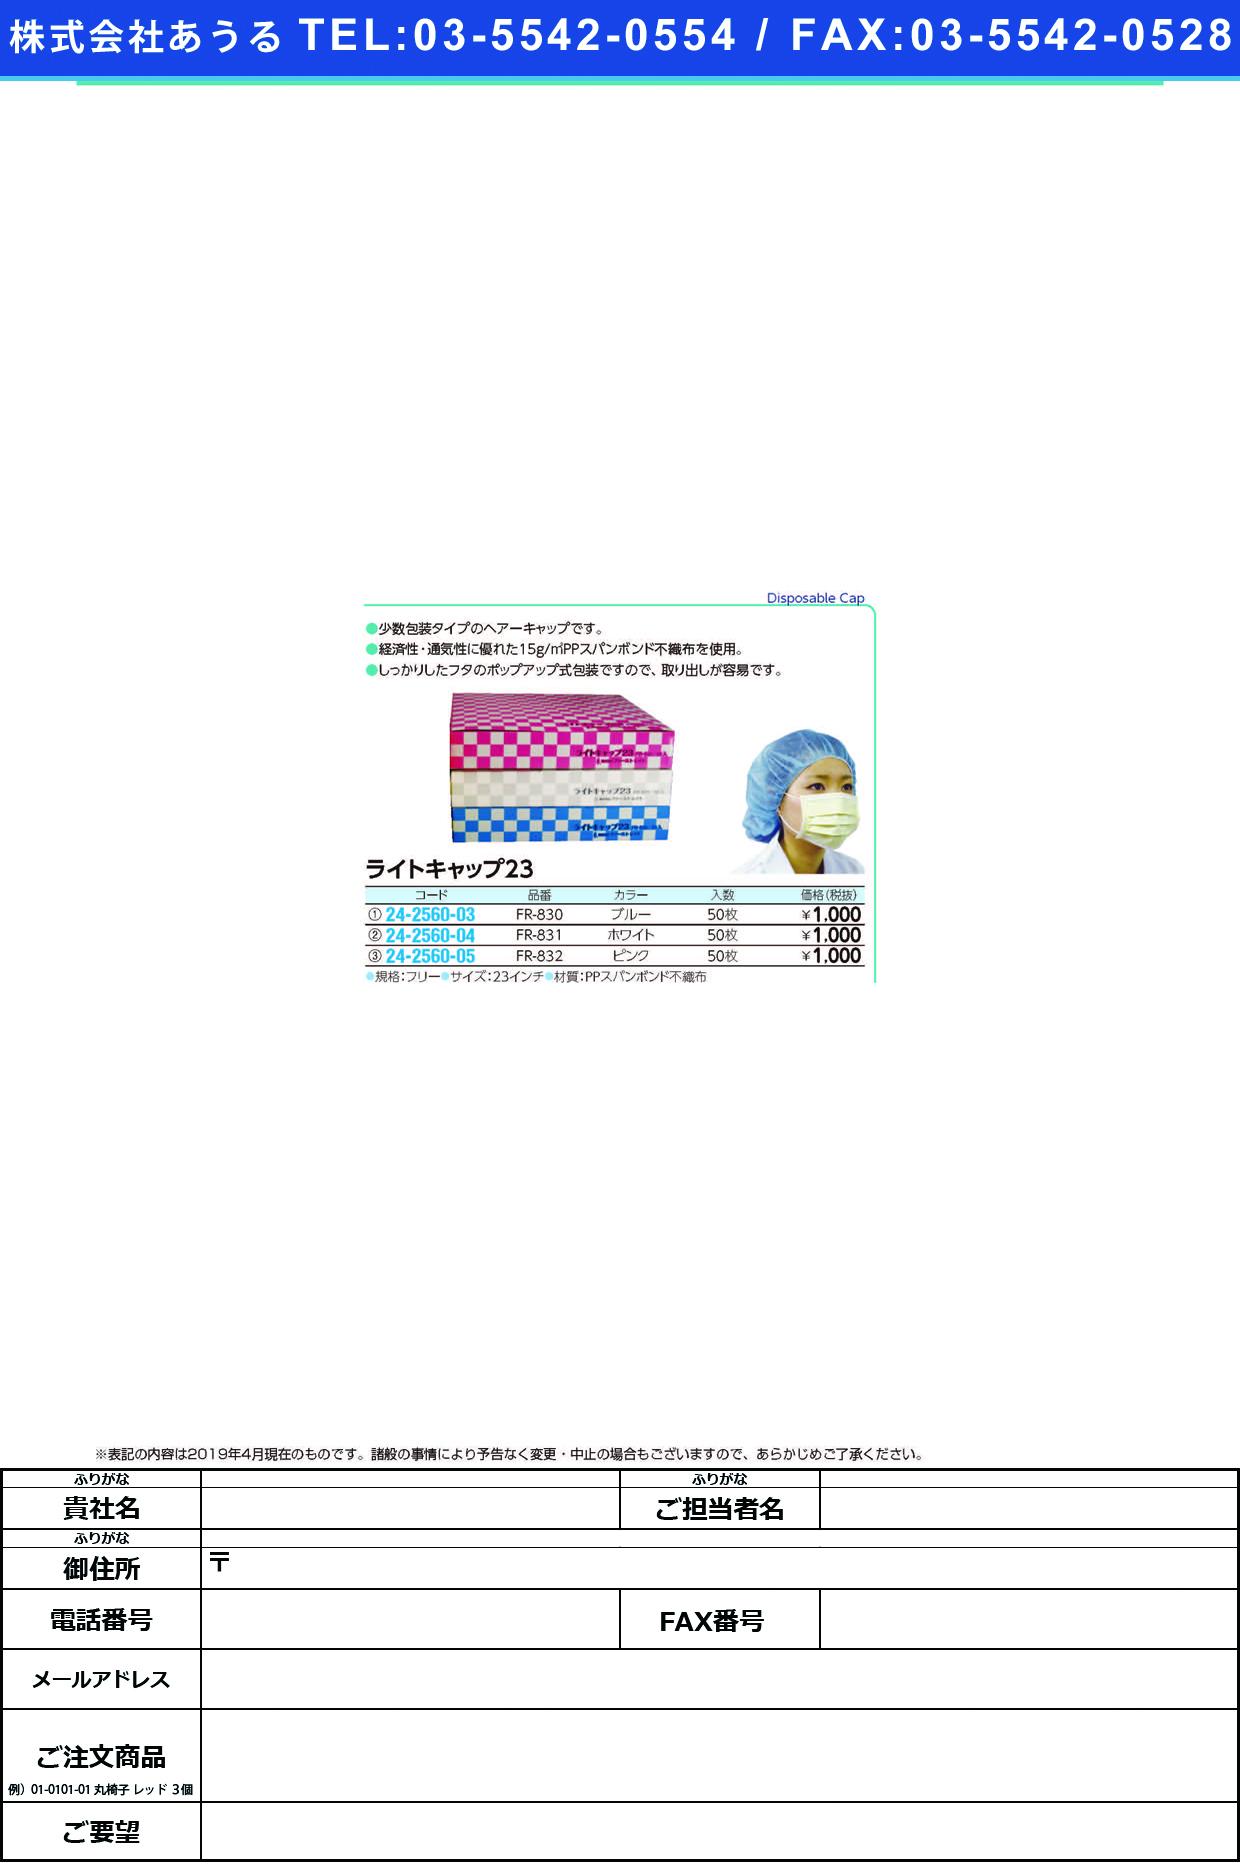 (24-2560-04)ライトキャップ23 FR-831(ホワイト)50マイイリ ライトキャップ23(ファーストレイト)【1箱単位】【2019年カタログ商品】